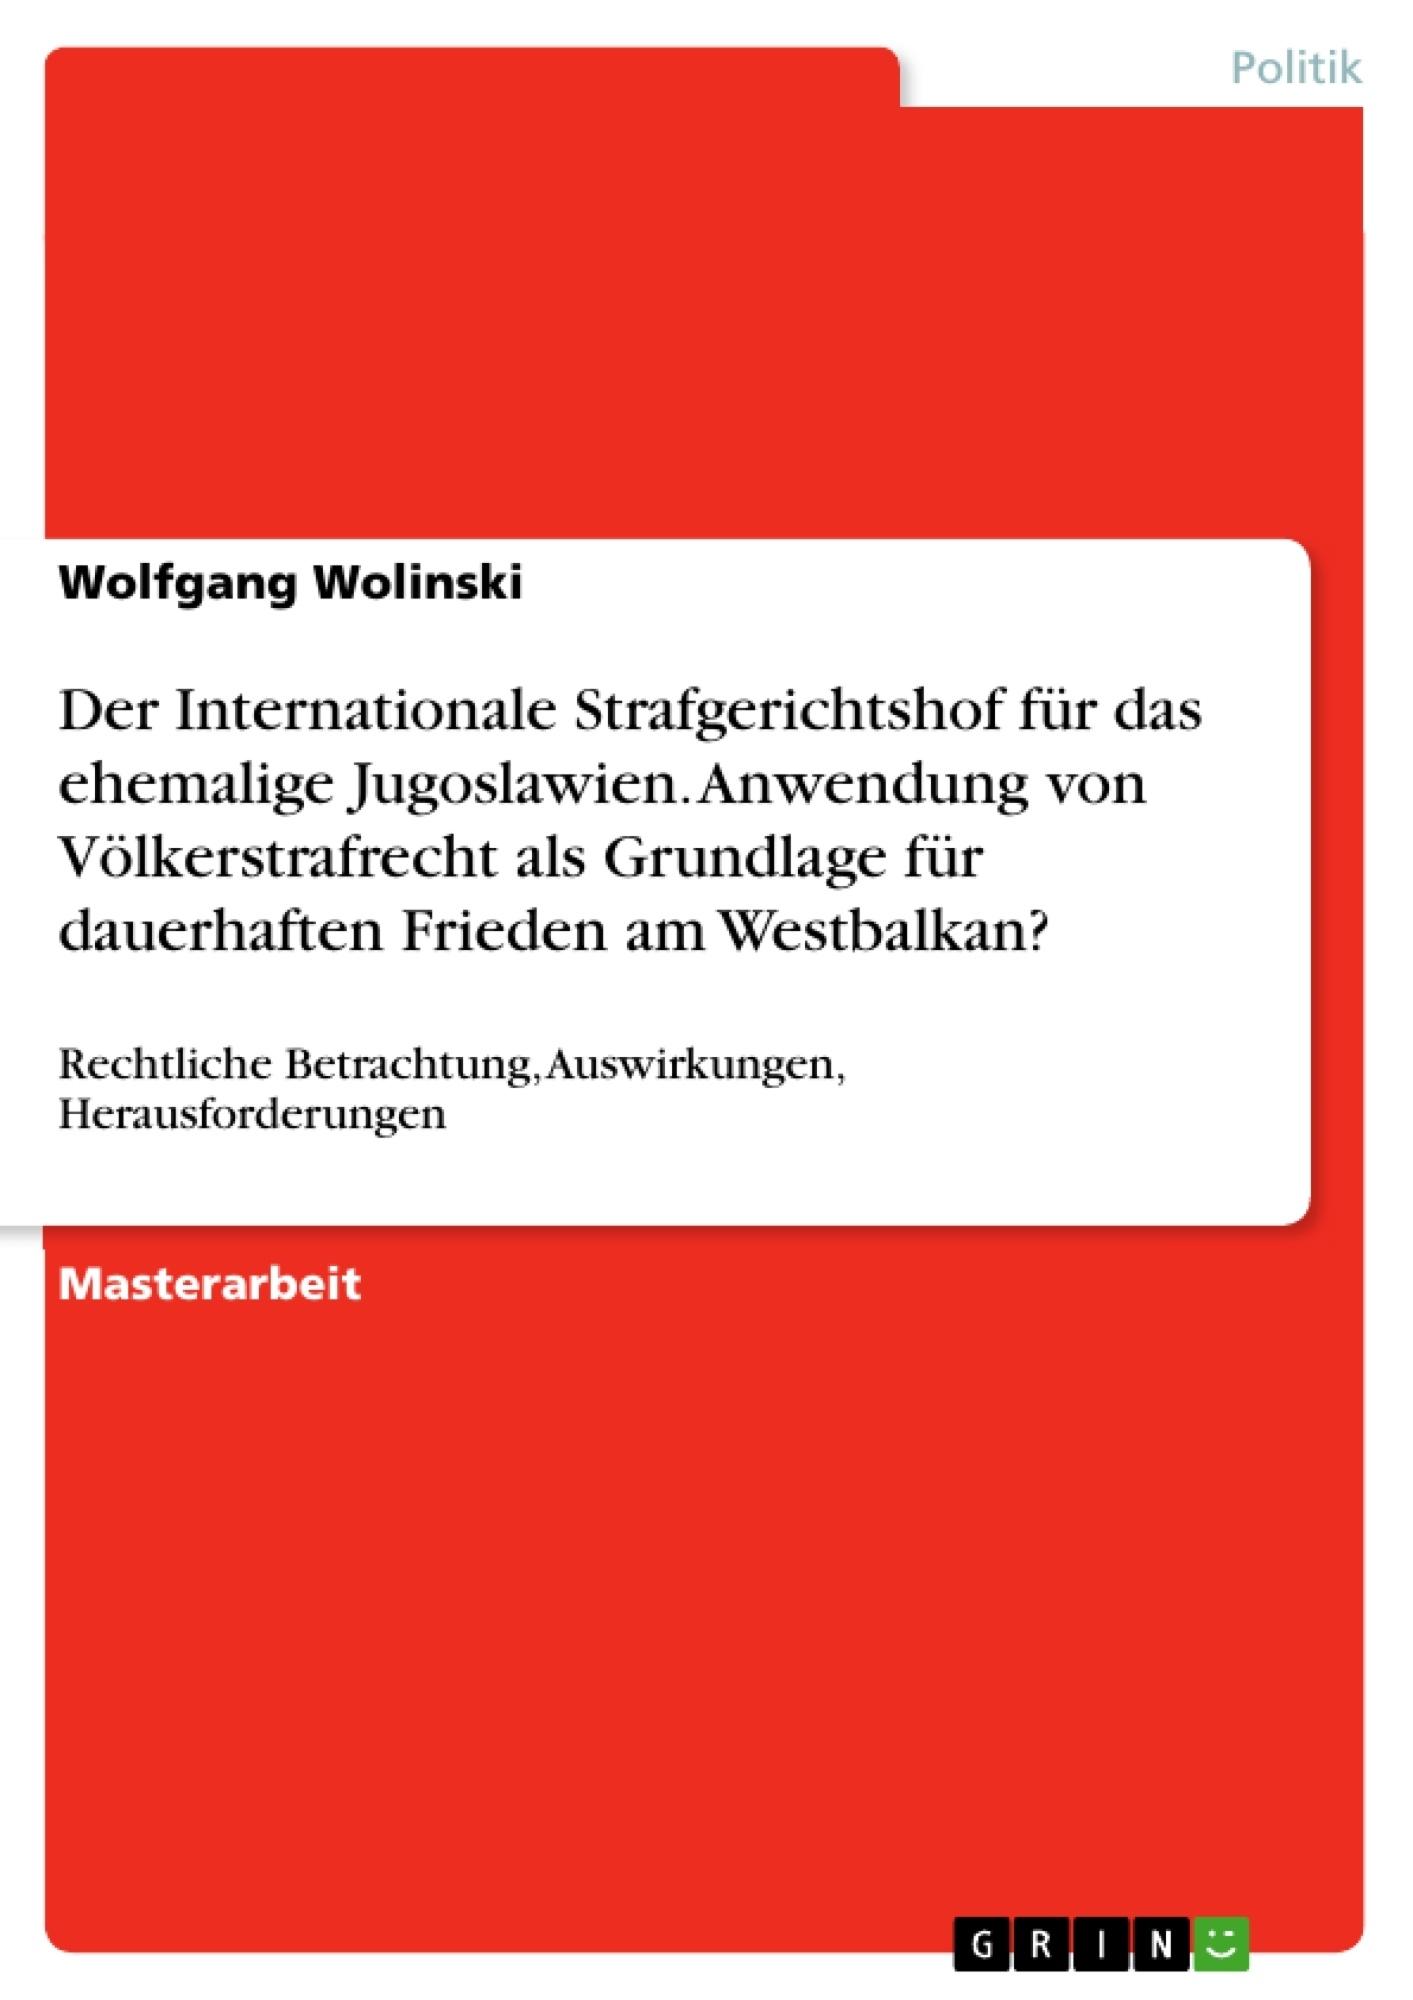 Titel: Der Internationale Strafgerichtshof für das ehemalige Jugoslawien. Anwendung von Völkerstrafrecht als Grundlage für dauerhaften Frieden am Westbalkan?